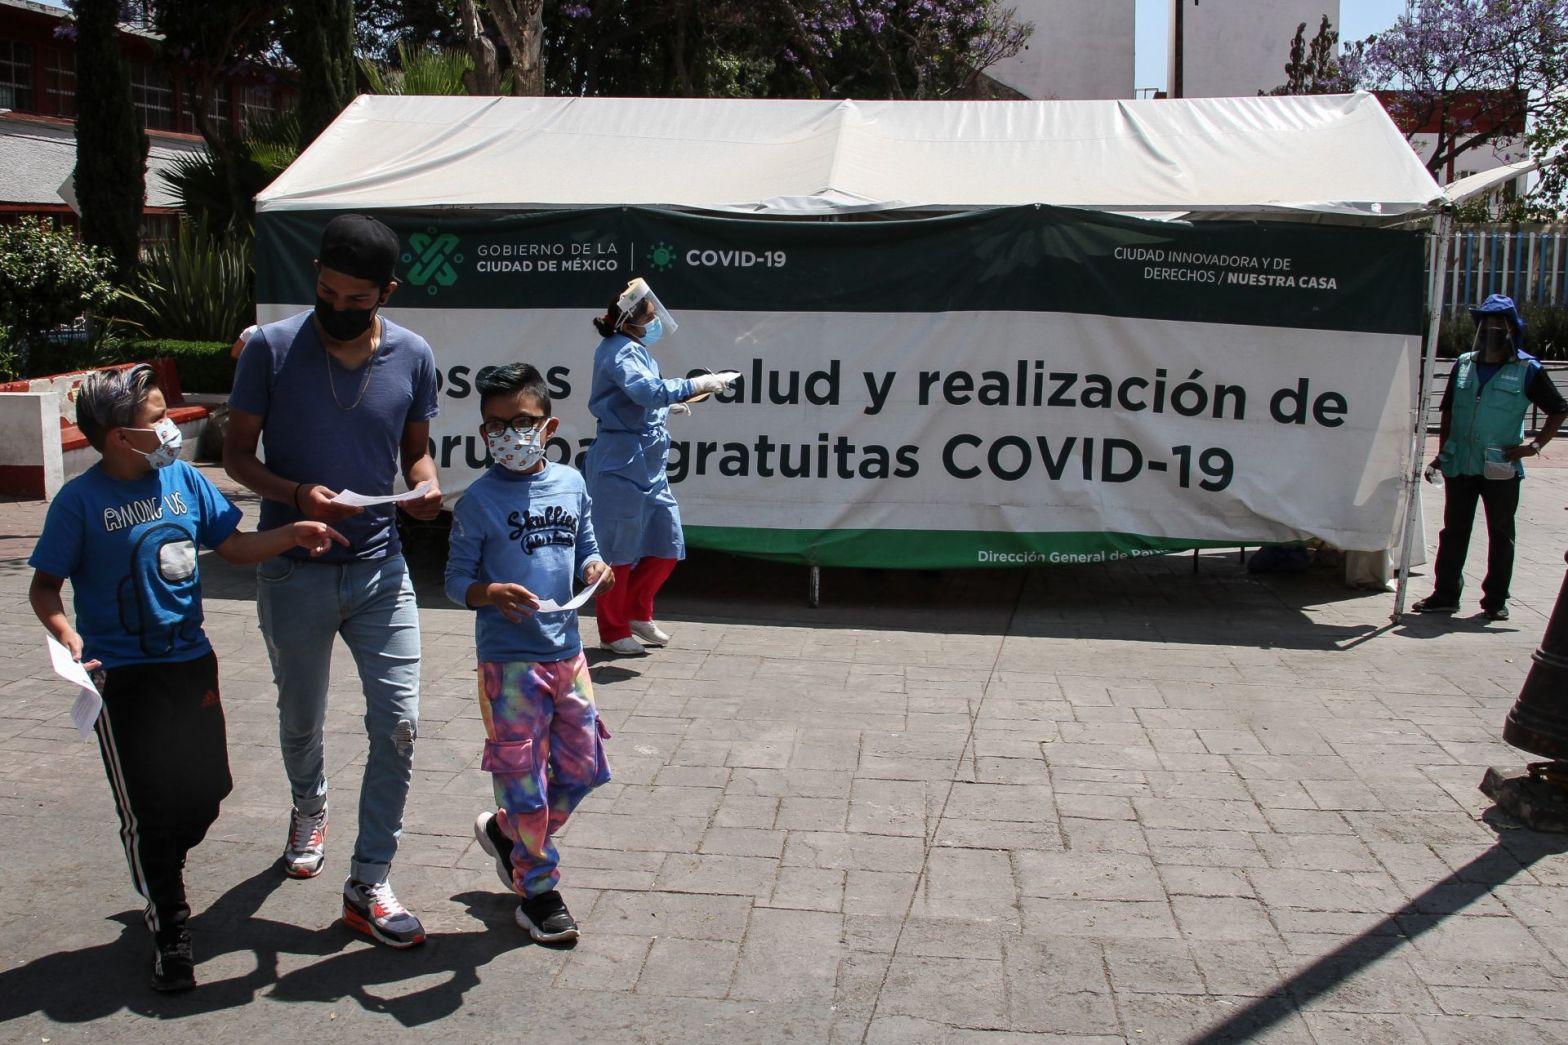 niños y adolescentes en quiosco de pruebas covid-19